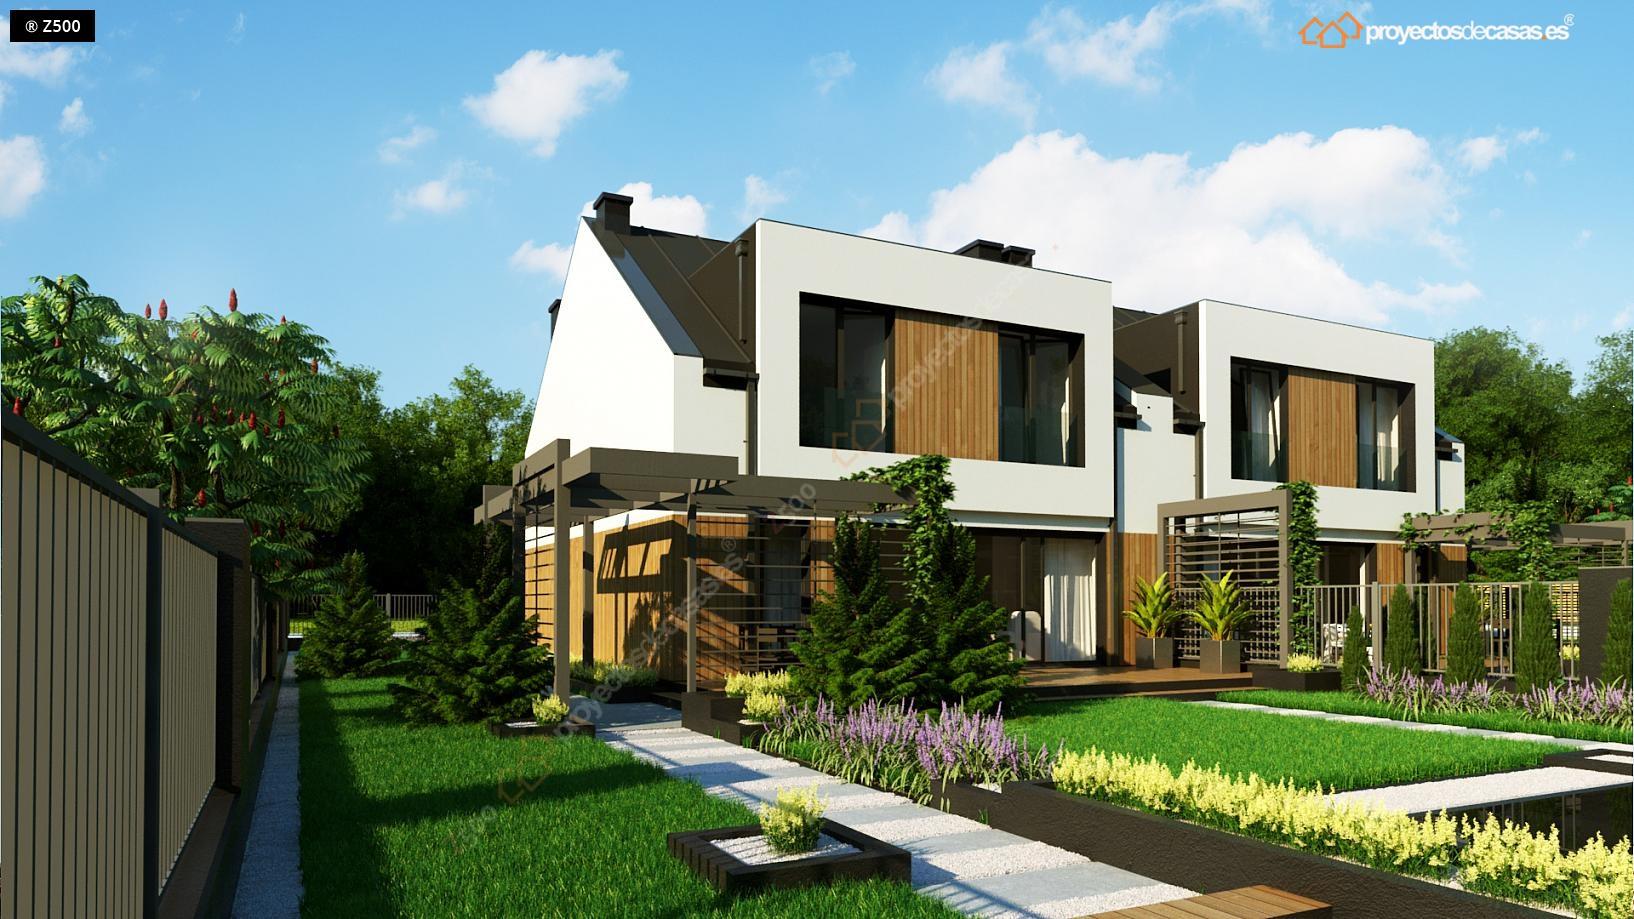 Proyectos de casas casa adosada moderna alcobendas for Proyectos de casas